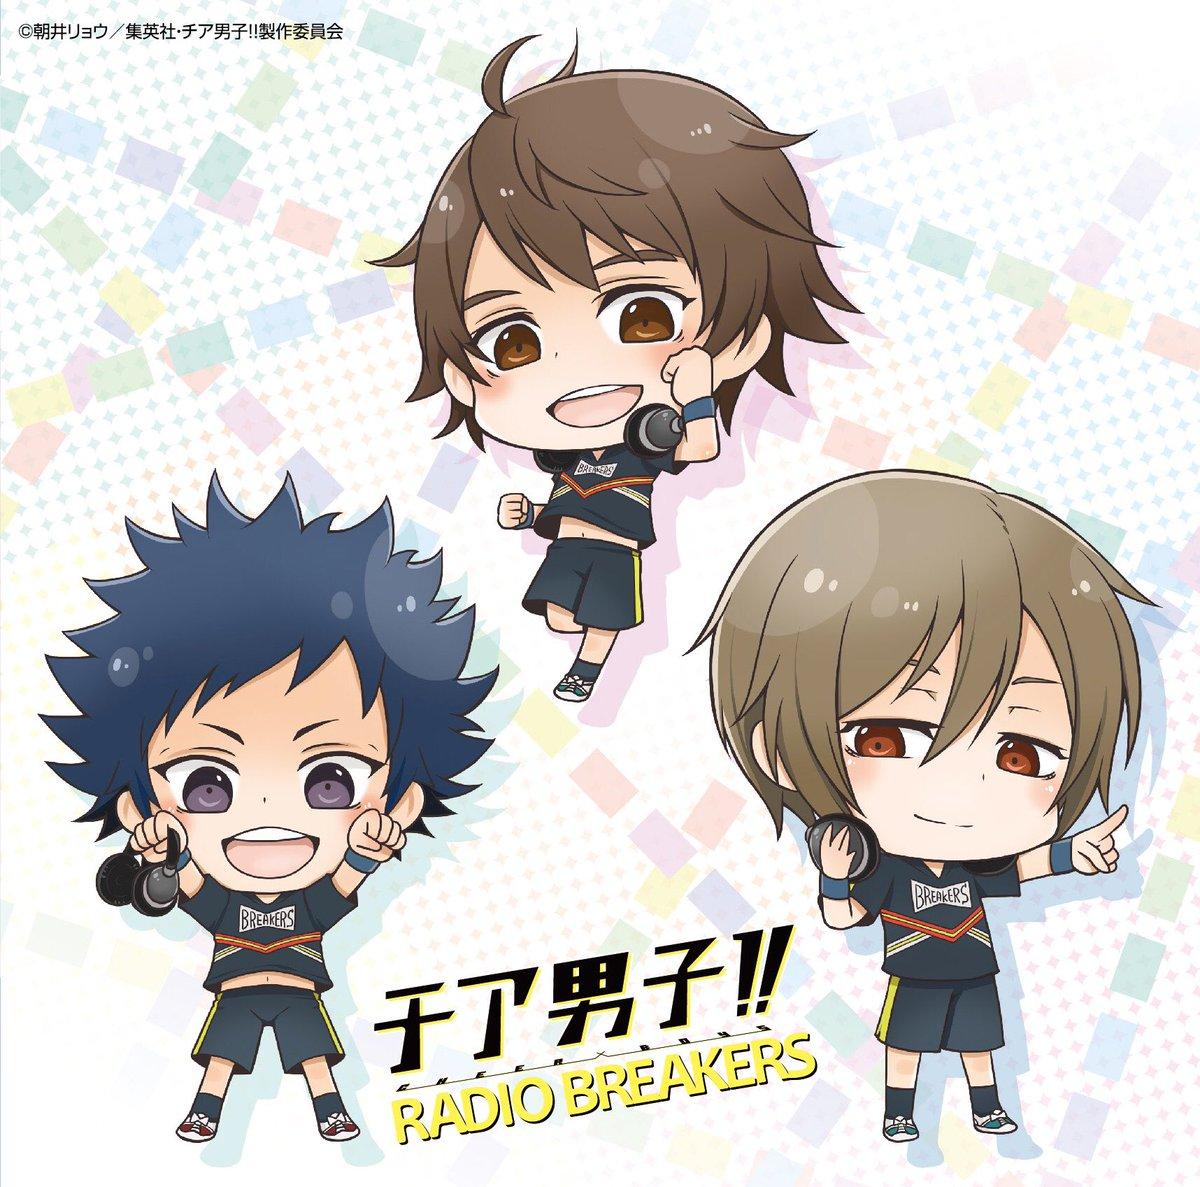 【本日発売】ラジオCD「チア男子!!〜RADIO BREAKERS〜」が本日12/28発売です!米内佑希さんがパーソナリ